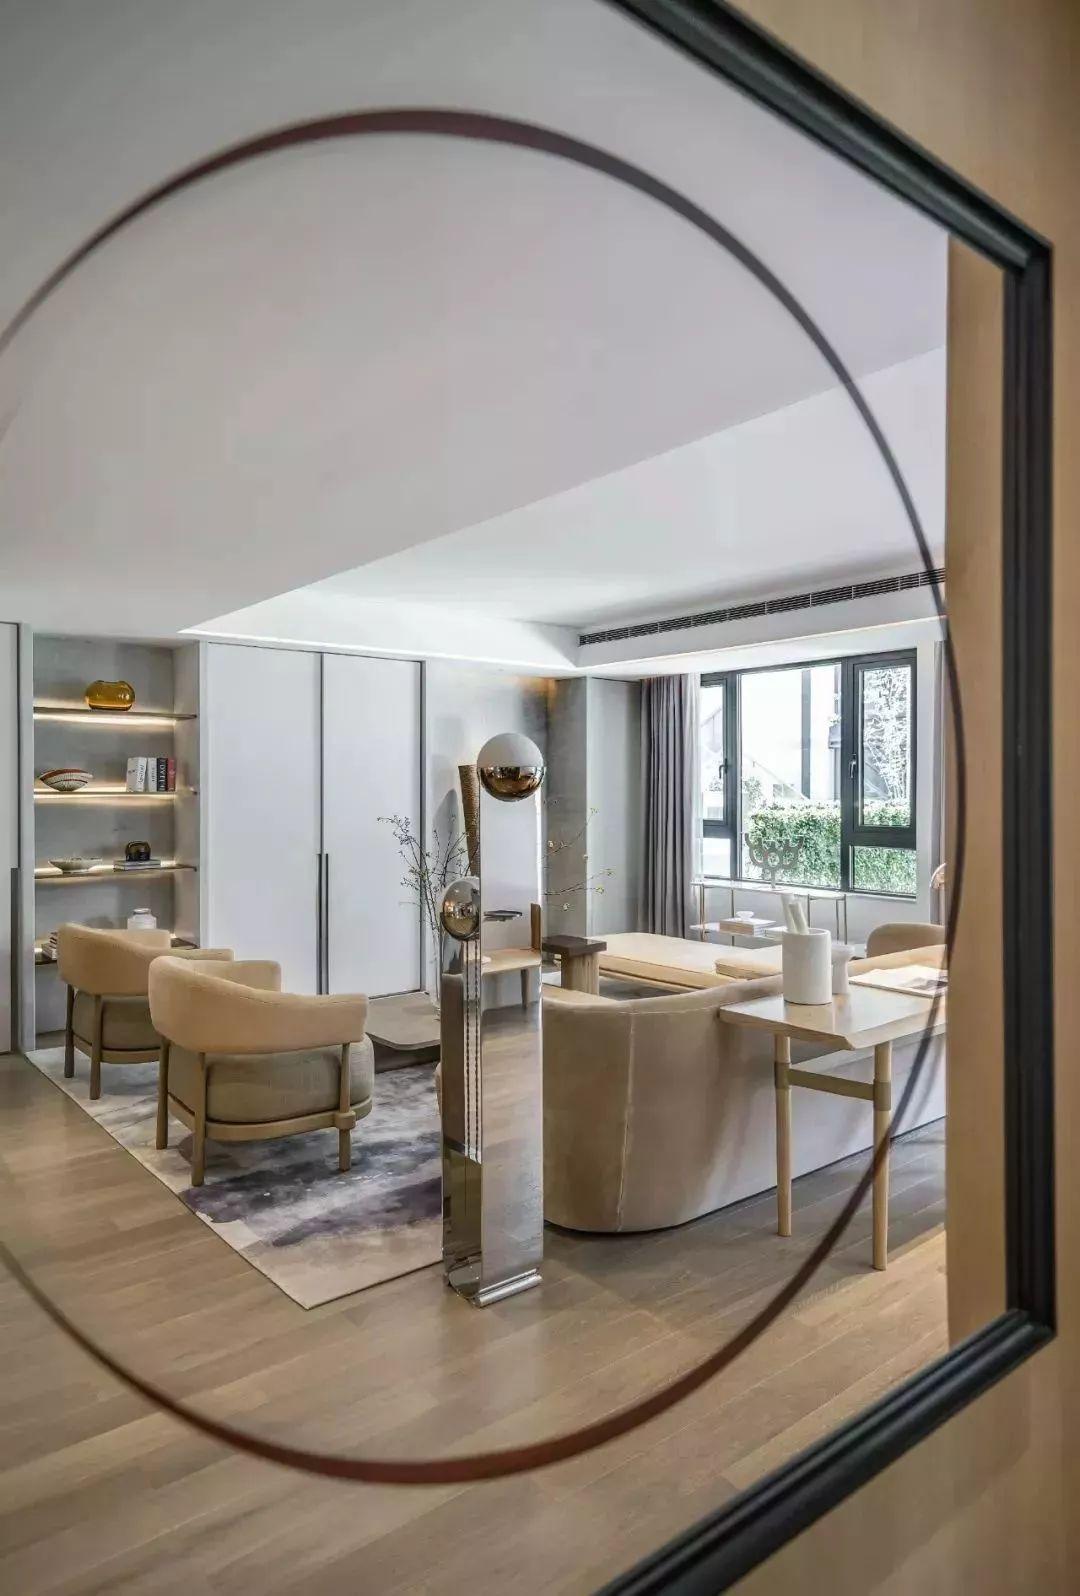 客厅设计摒弃繁复的装饰手法和惯用的陈设布局习惯,空间和人的微妙关系透过艺术表达。